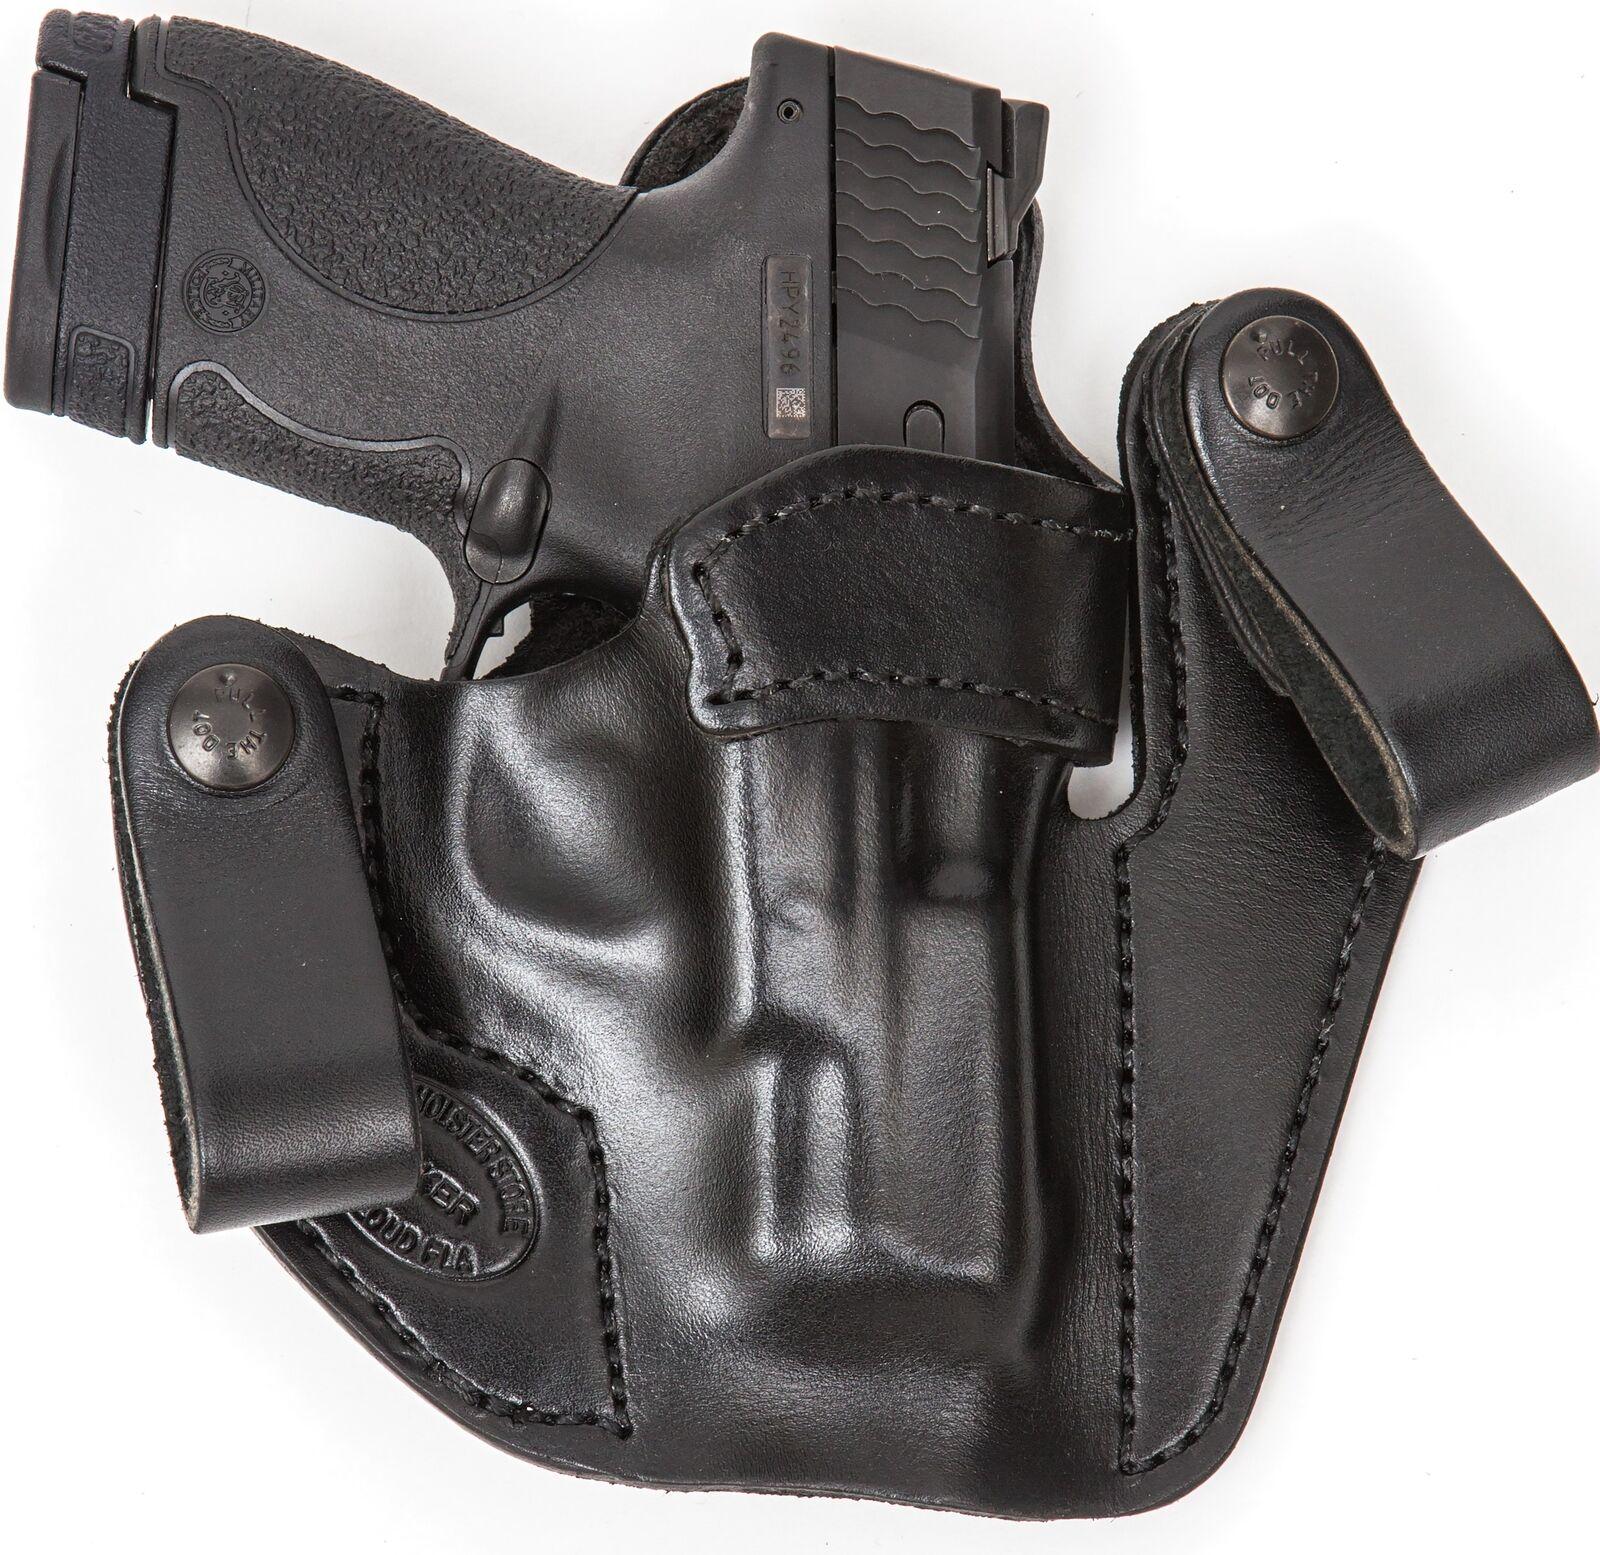 XTREME llevar RH LH dentro de la cintura de cuero Funda Pistola para los modelos de carril 1911 4-4.25